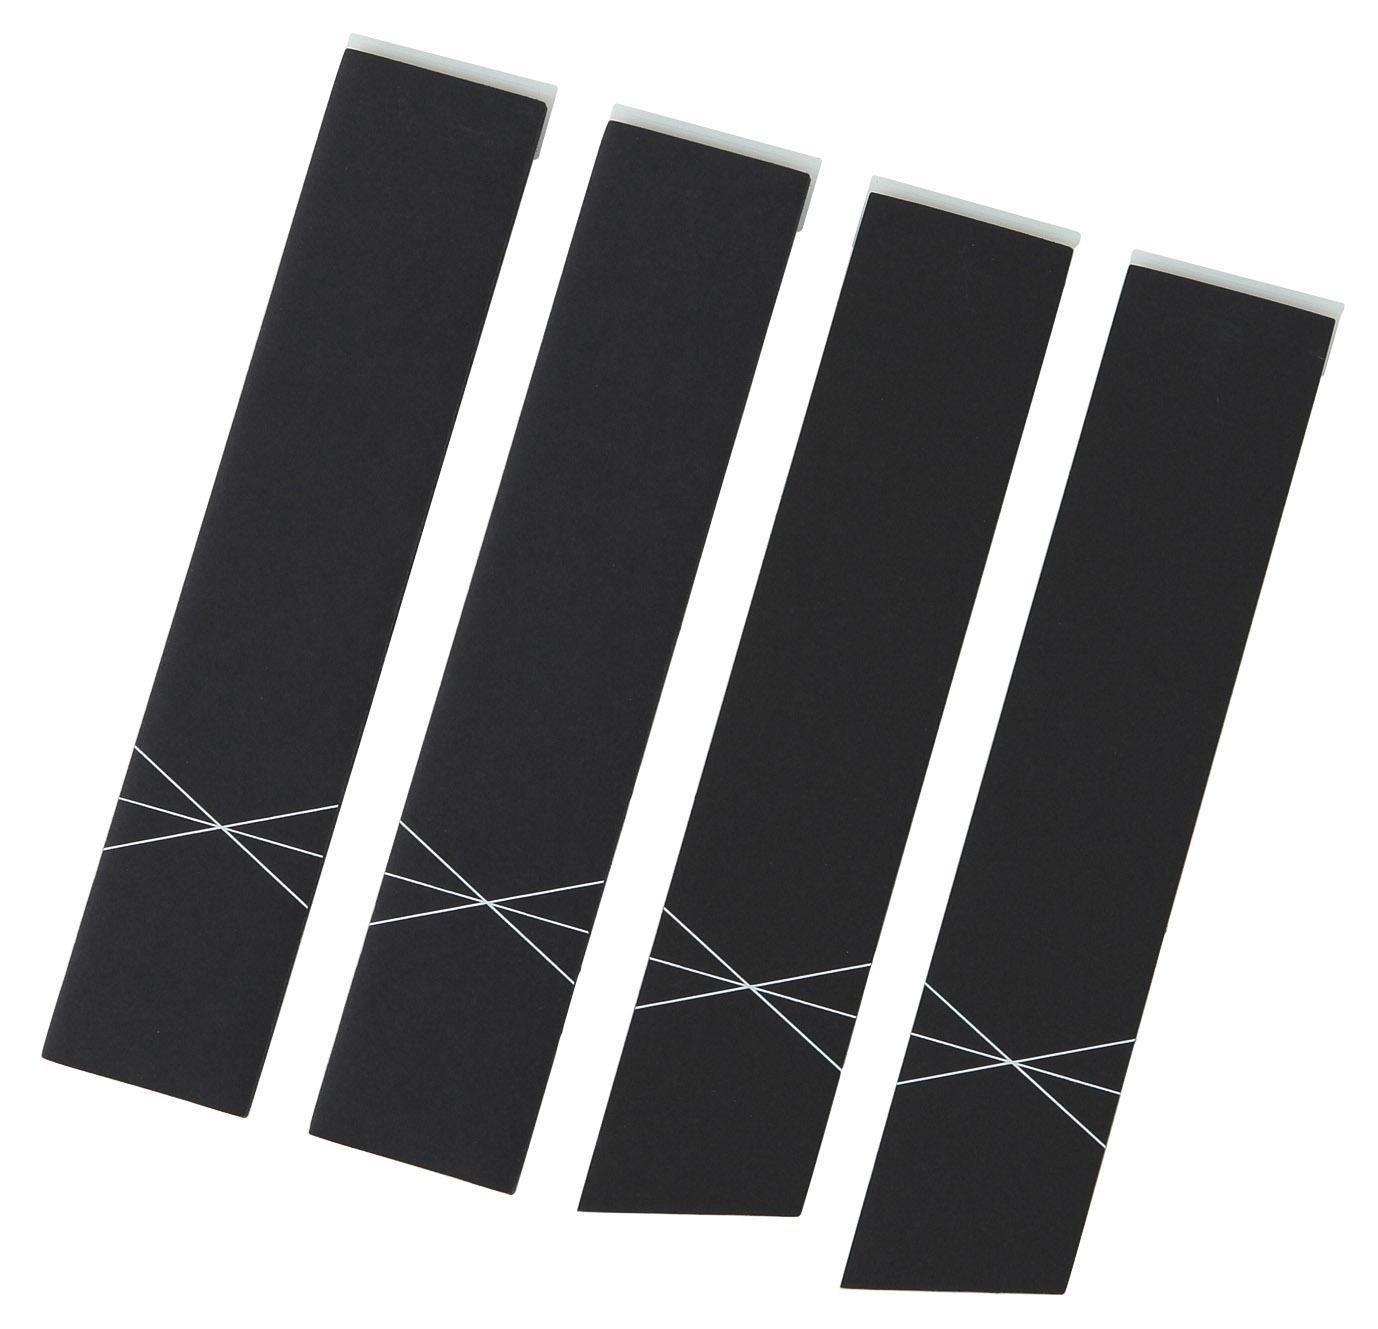 黒パネル(4枚入)画像